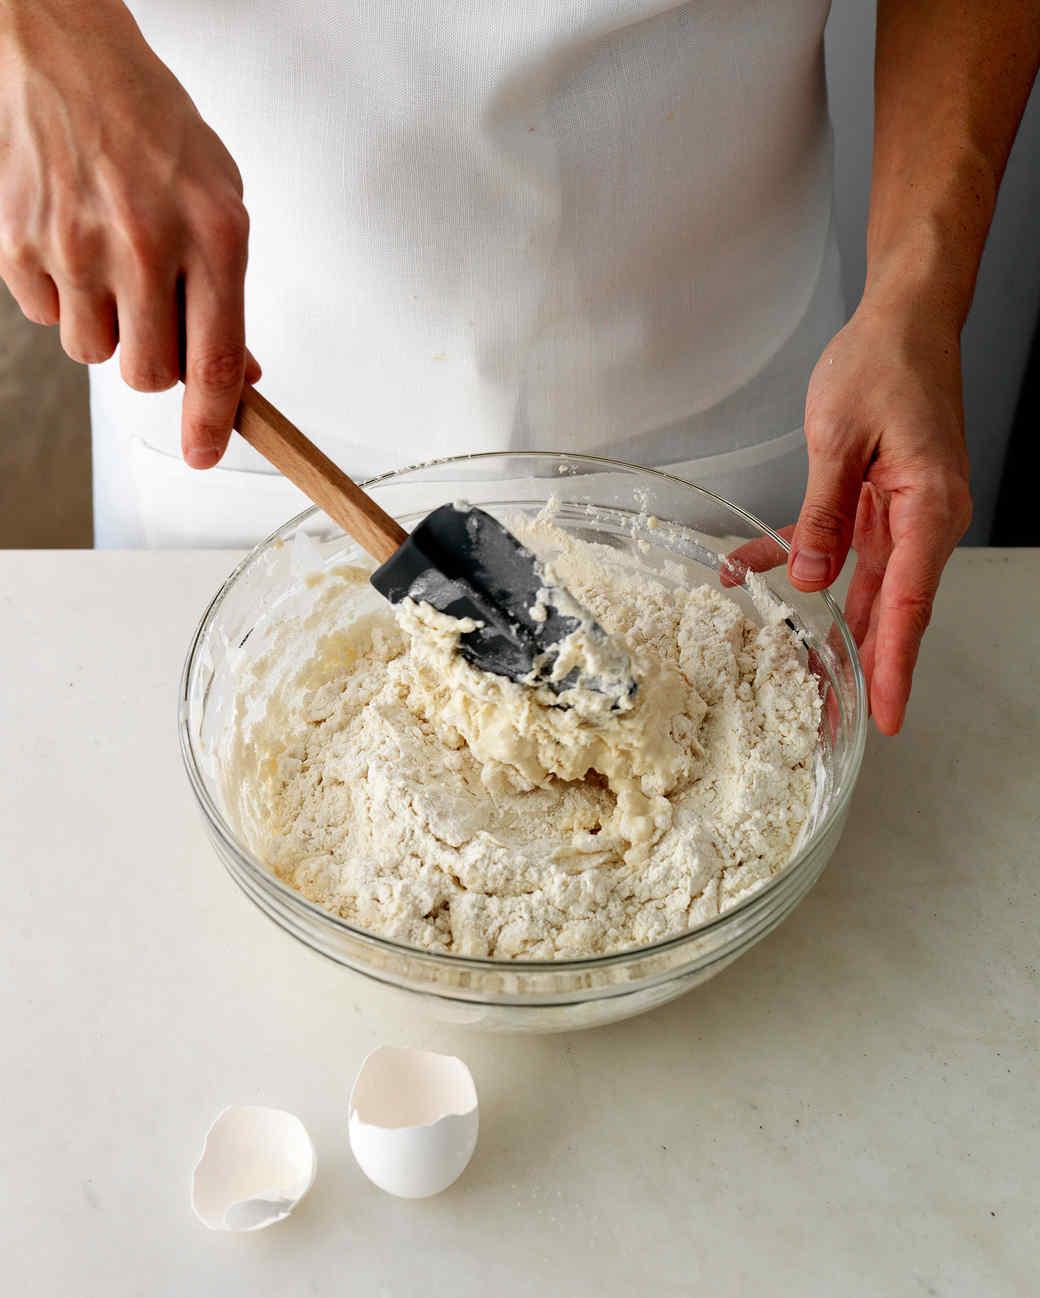 pierogis dough mixing